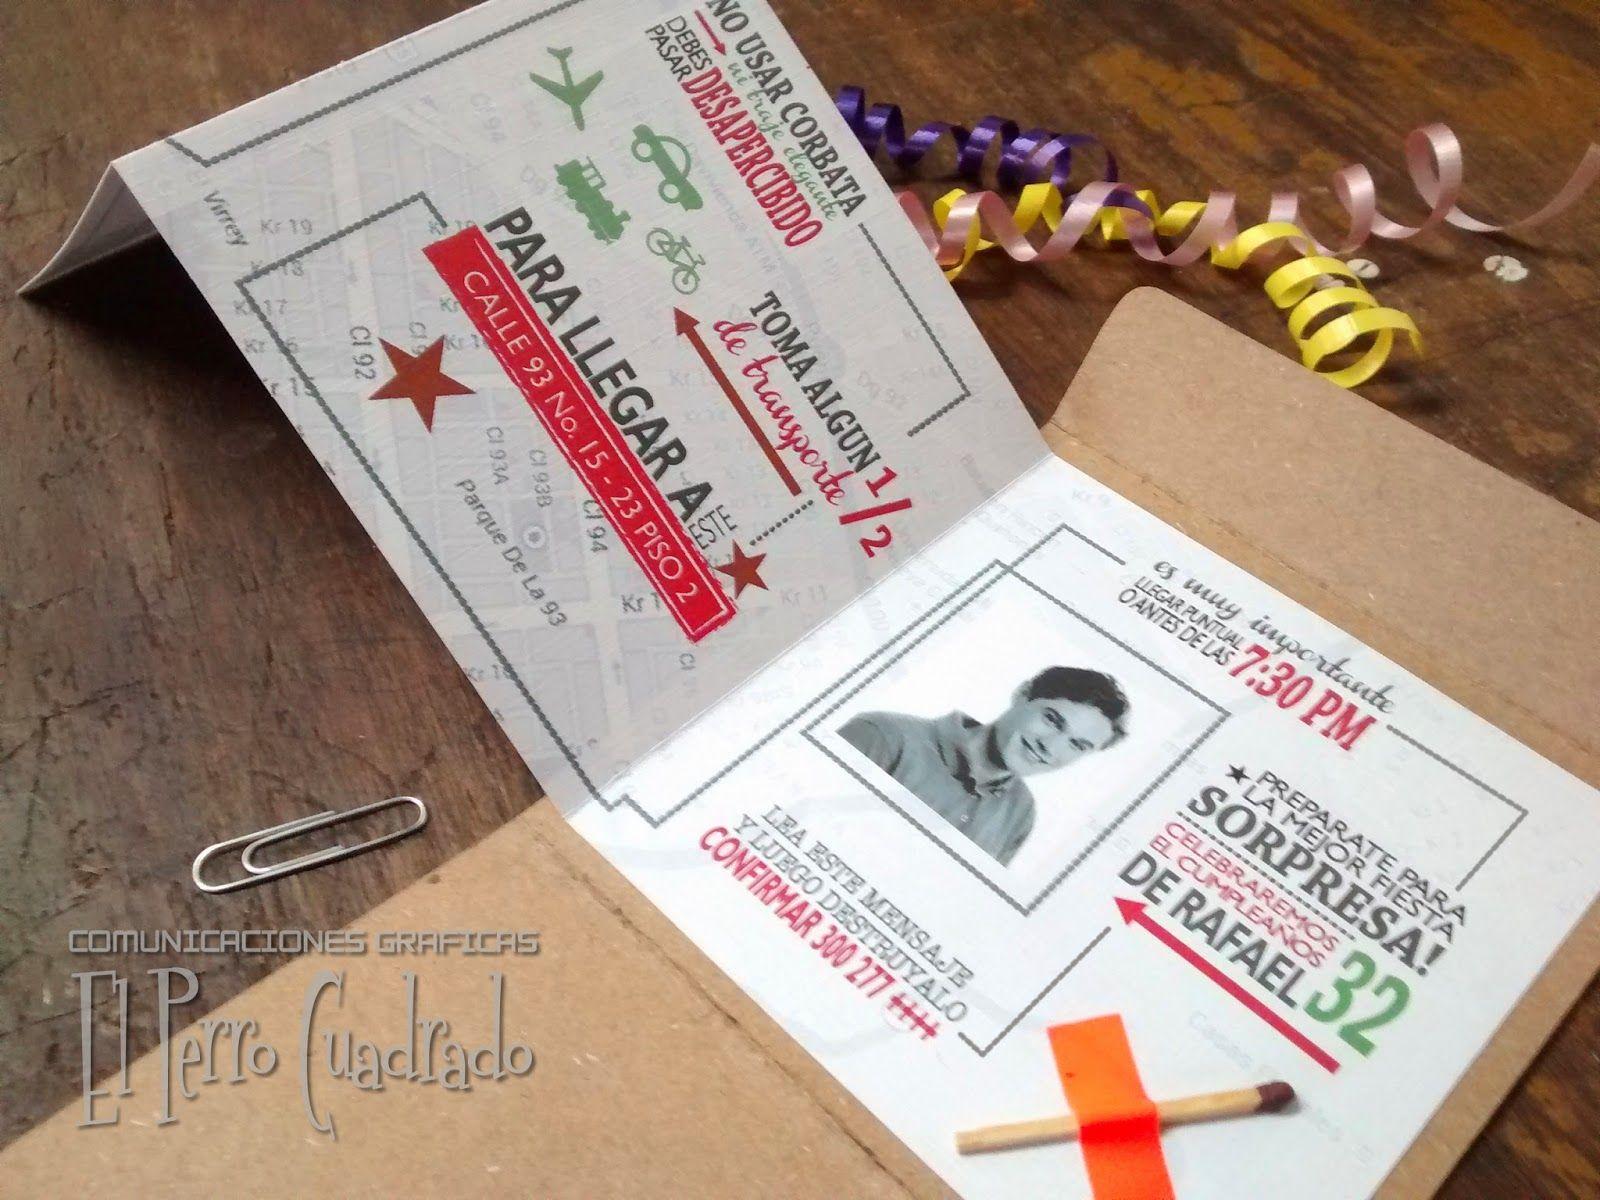 tarjetas para fiesta sorpresa el perro cuadrado